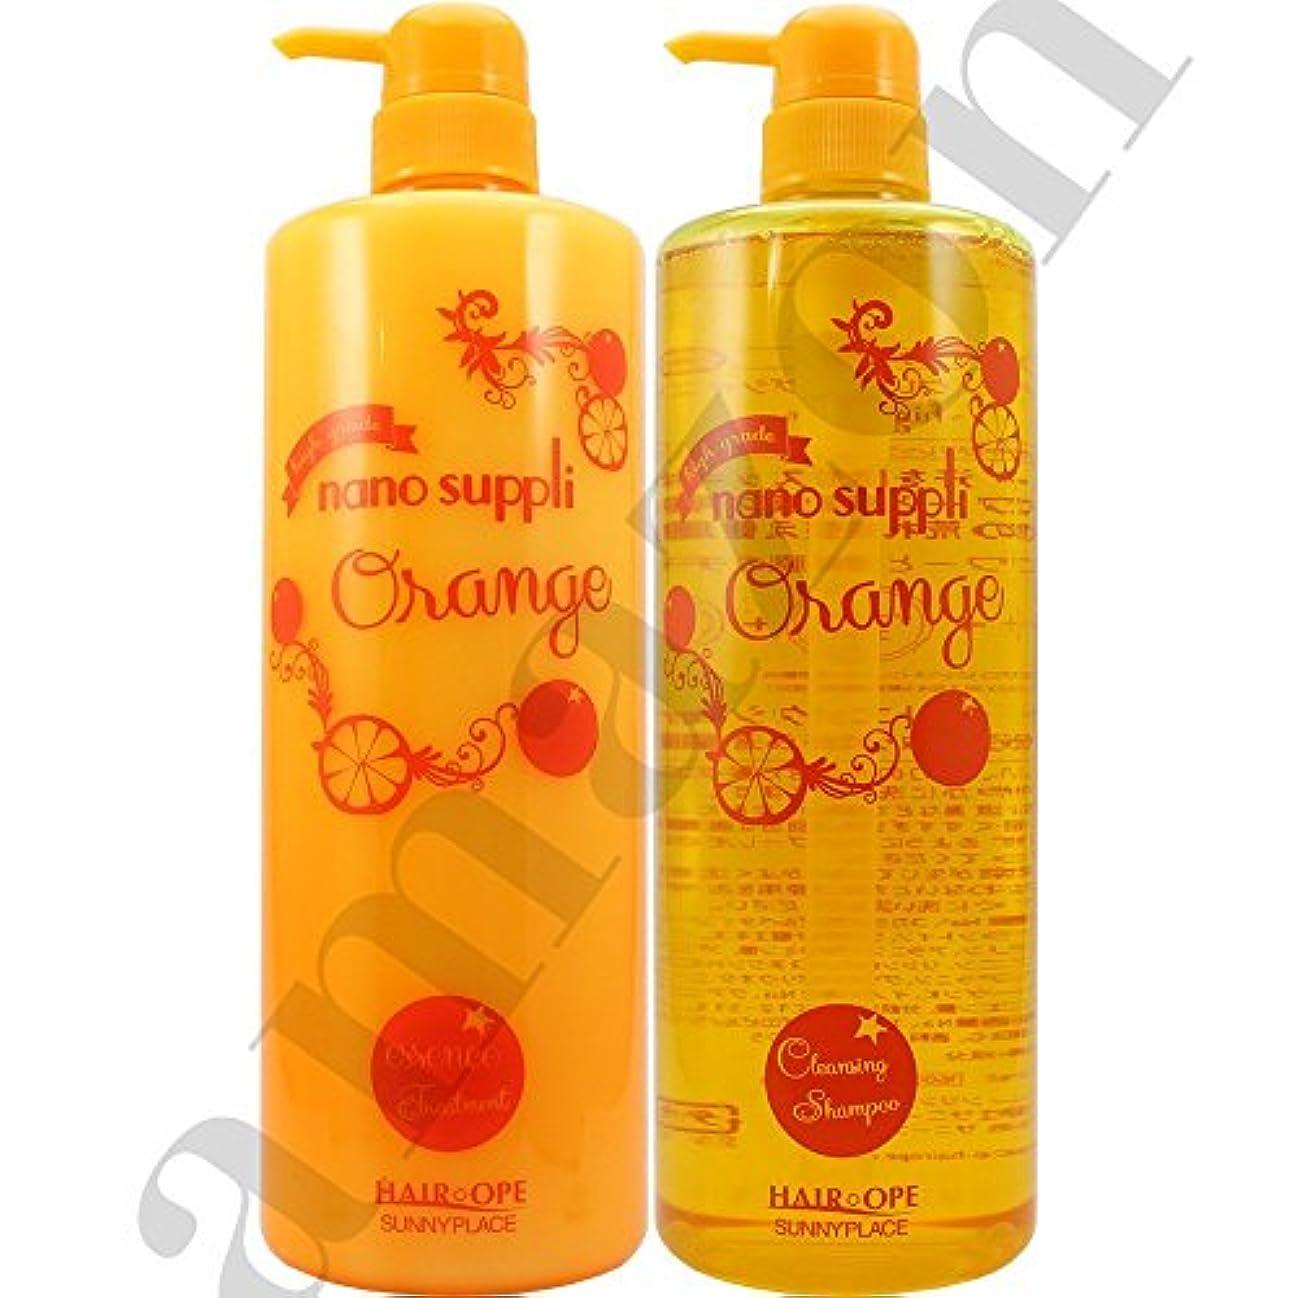 充電数値弱点サニープレイス ナノサプリ クレンジングシャンプー&コンディショナー オレンジ 1000mlボトルセット